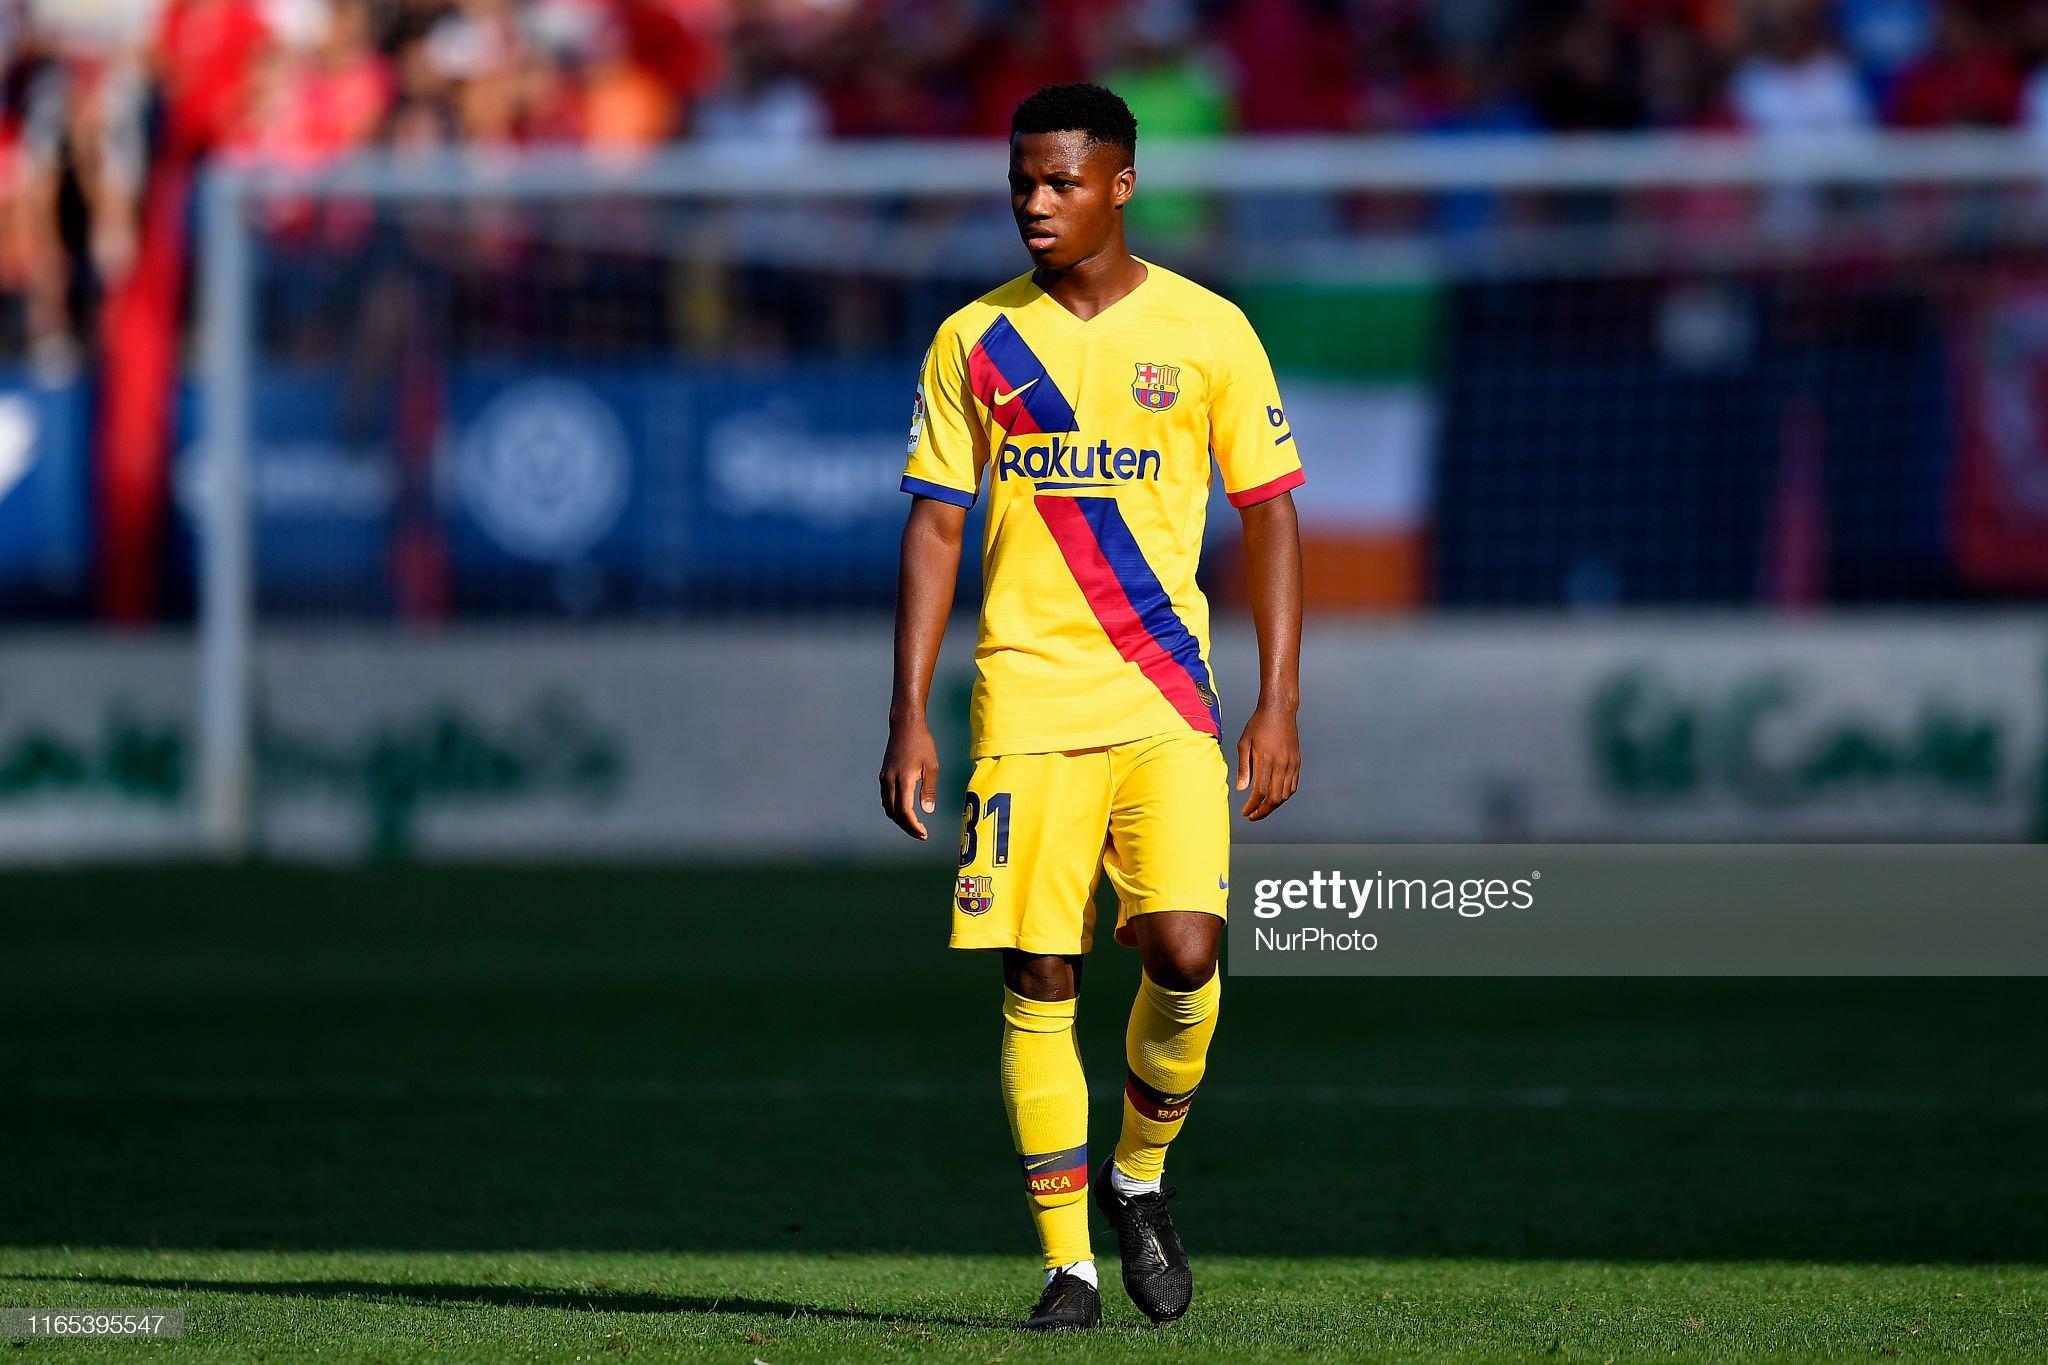 صور مباراة : أوساسونا - برشلونة 2-2 ( 31-08-2019 )  Ansu-fati-of-barcelona-during-the-liga-match-between-ca-osasuna-and-picture-id1165395547?s=2048x2048